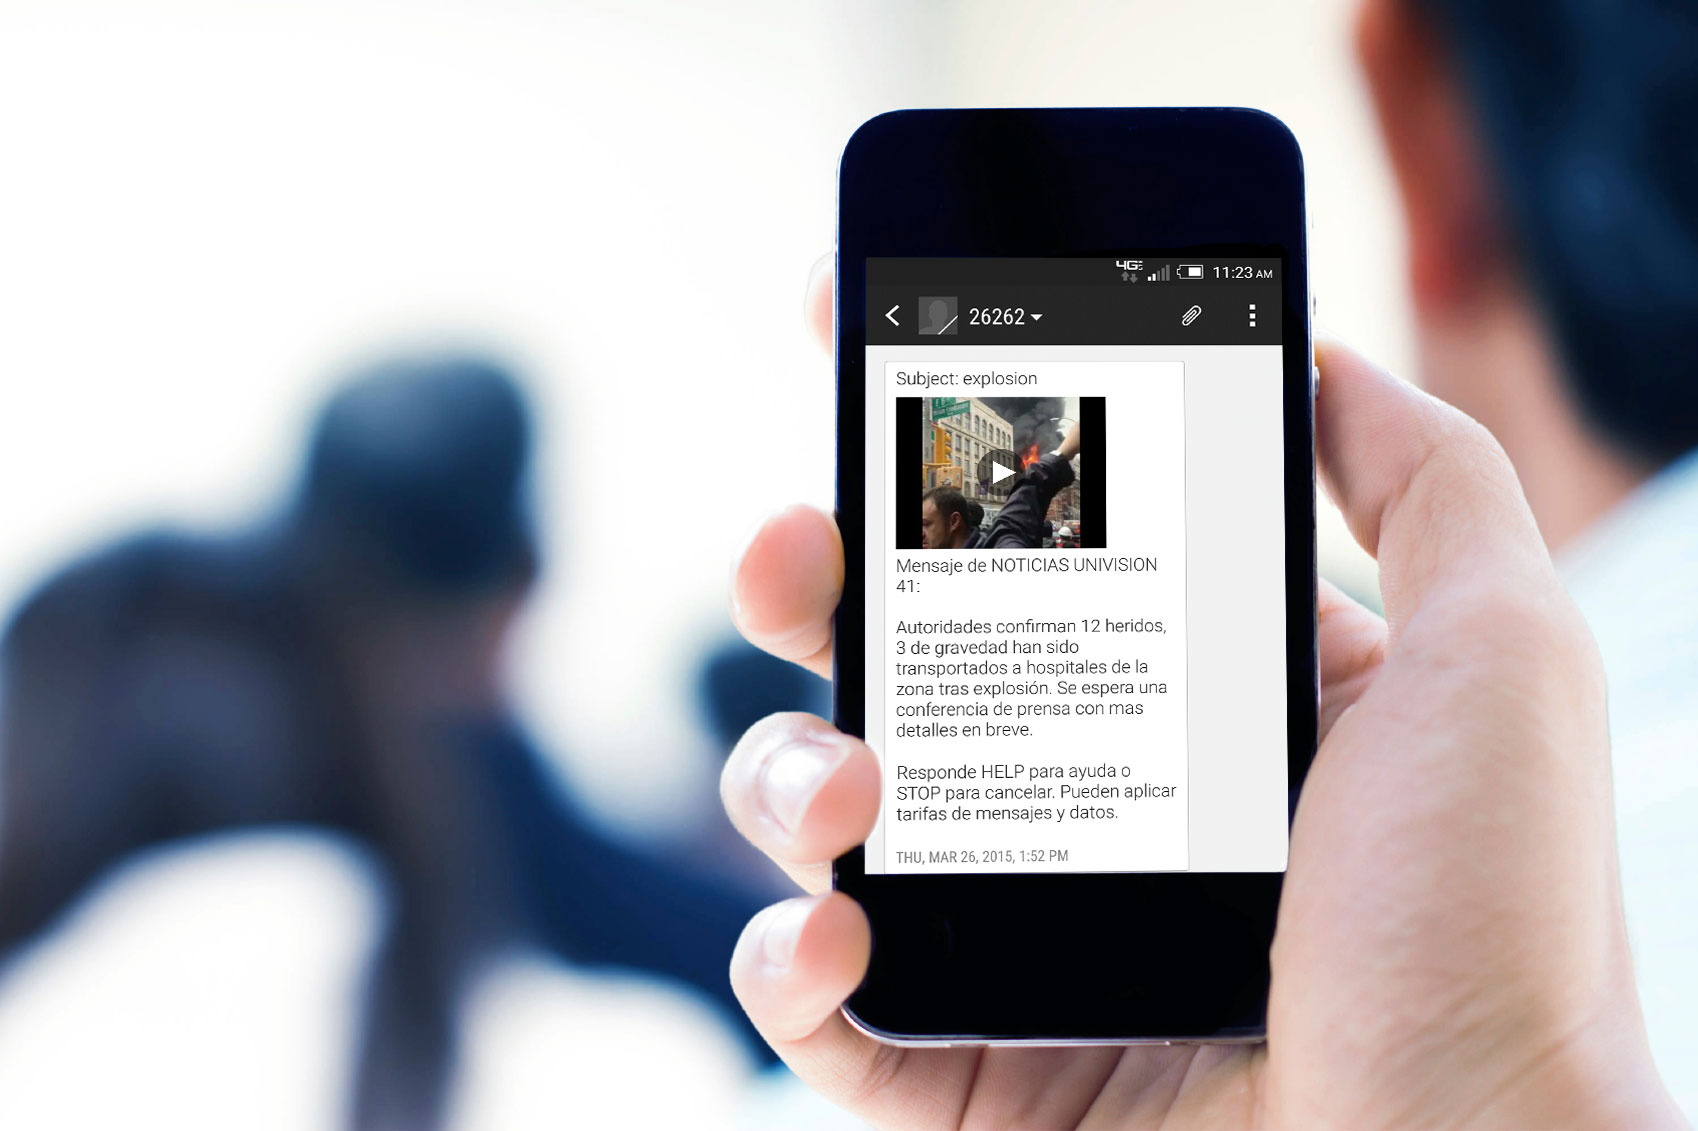 Alertas celular noticias 41